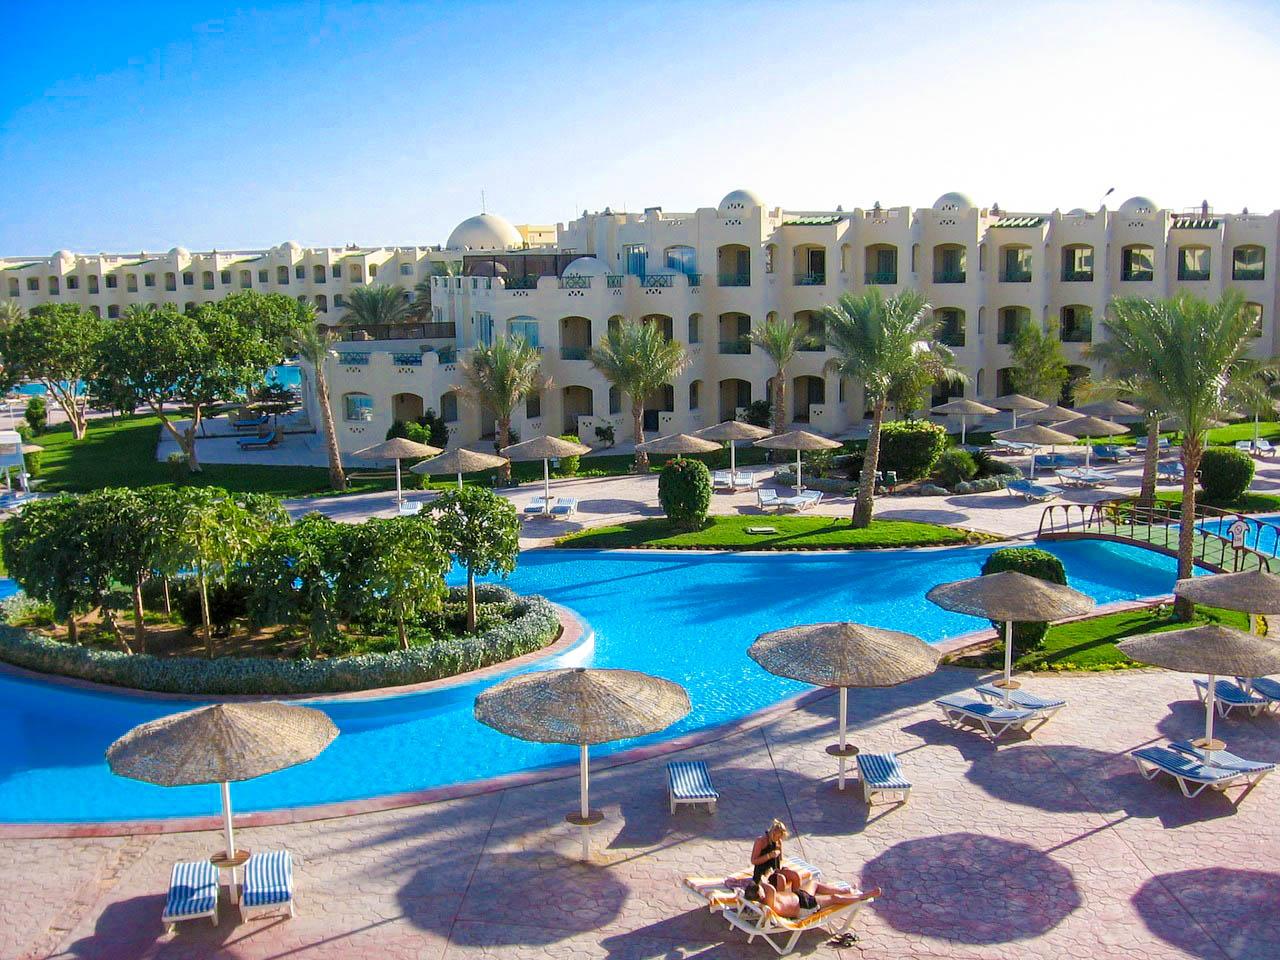 Єгипет Шарм Ель Шейх готель